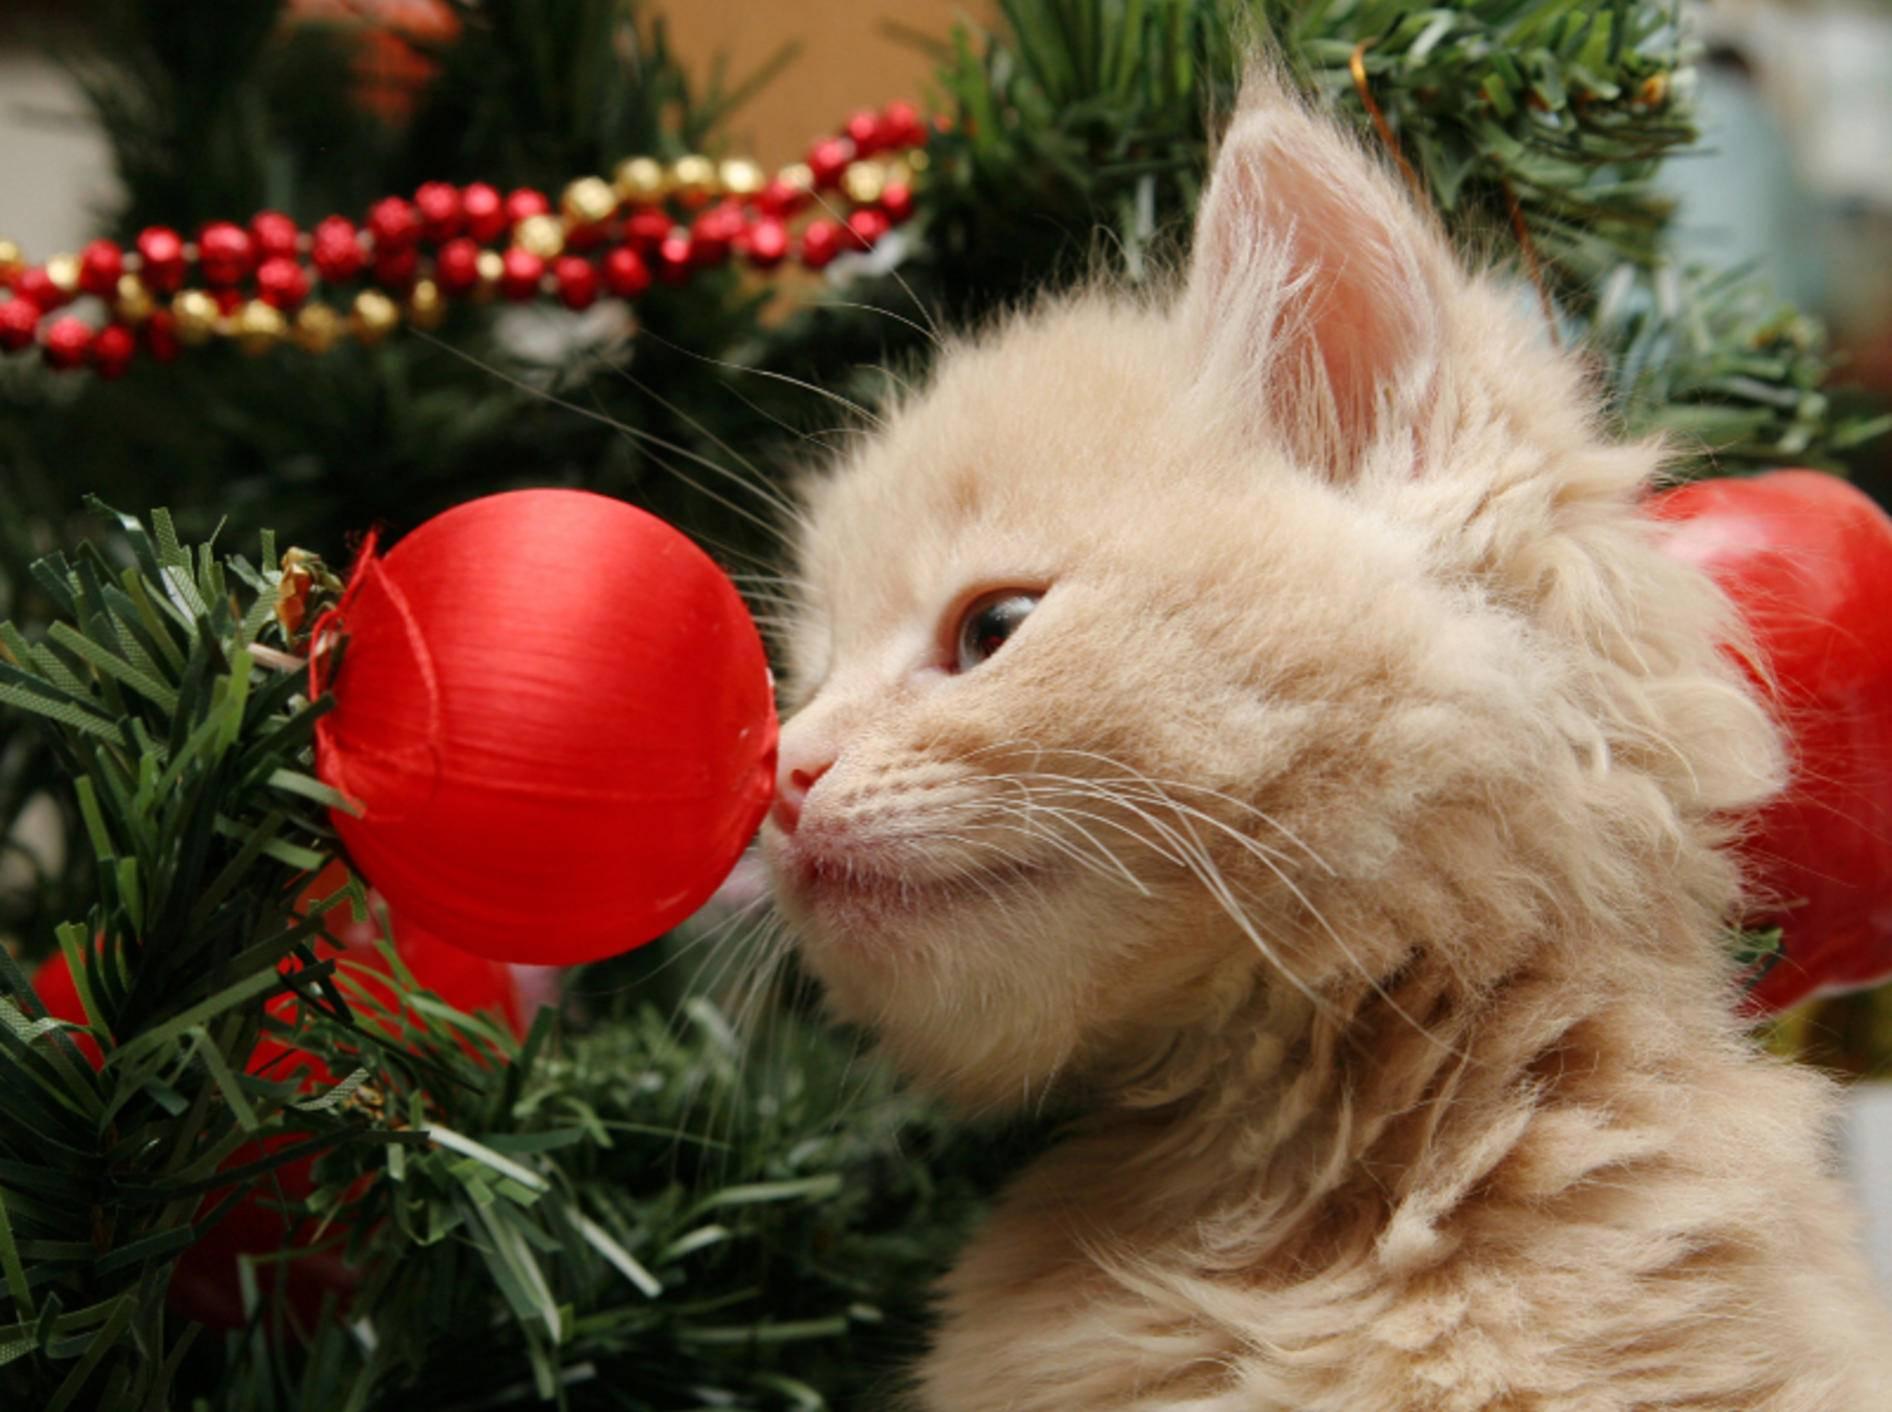 Weihnachtsdeko sollte unbedingt bruchsicher und ungefährlich sein – Shutterstock / Sue McDonald